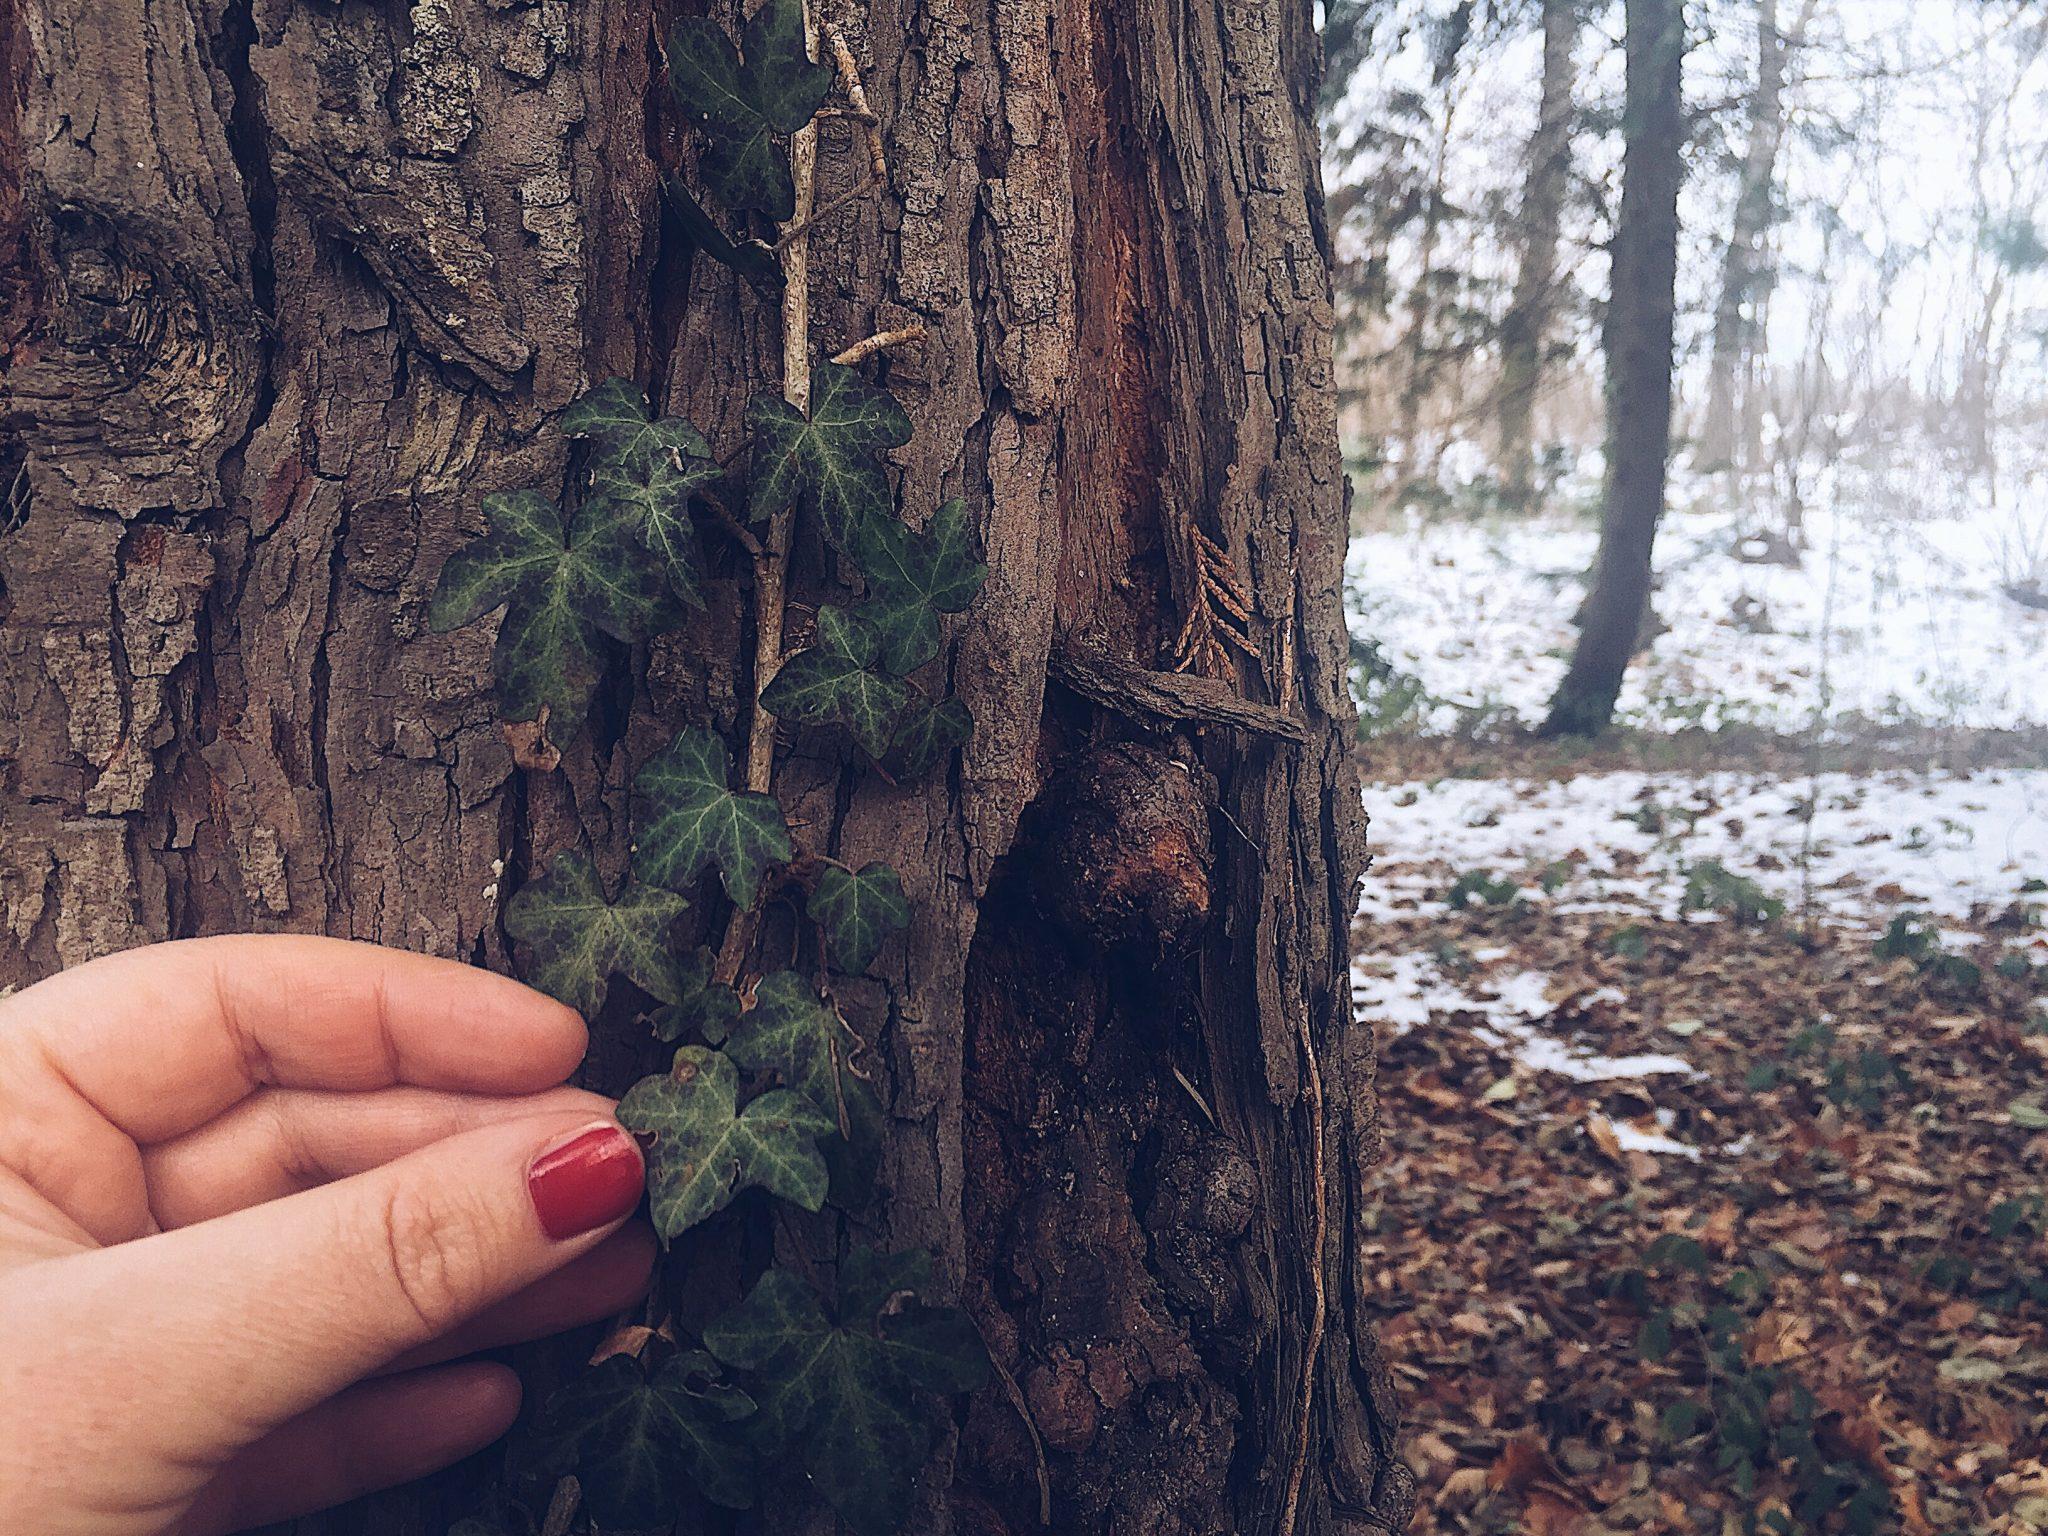 Mano di donna che tocca le foglie di un'edera che si arrampica su un tronco d'albero - tatianaberlaffa.com